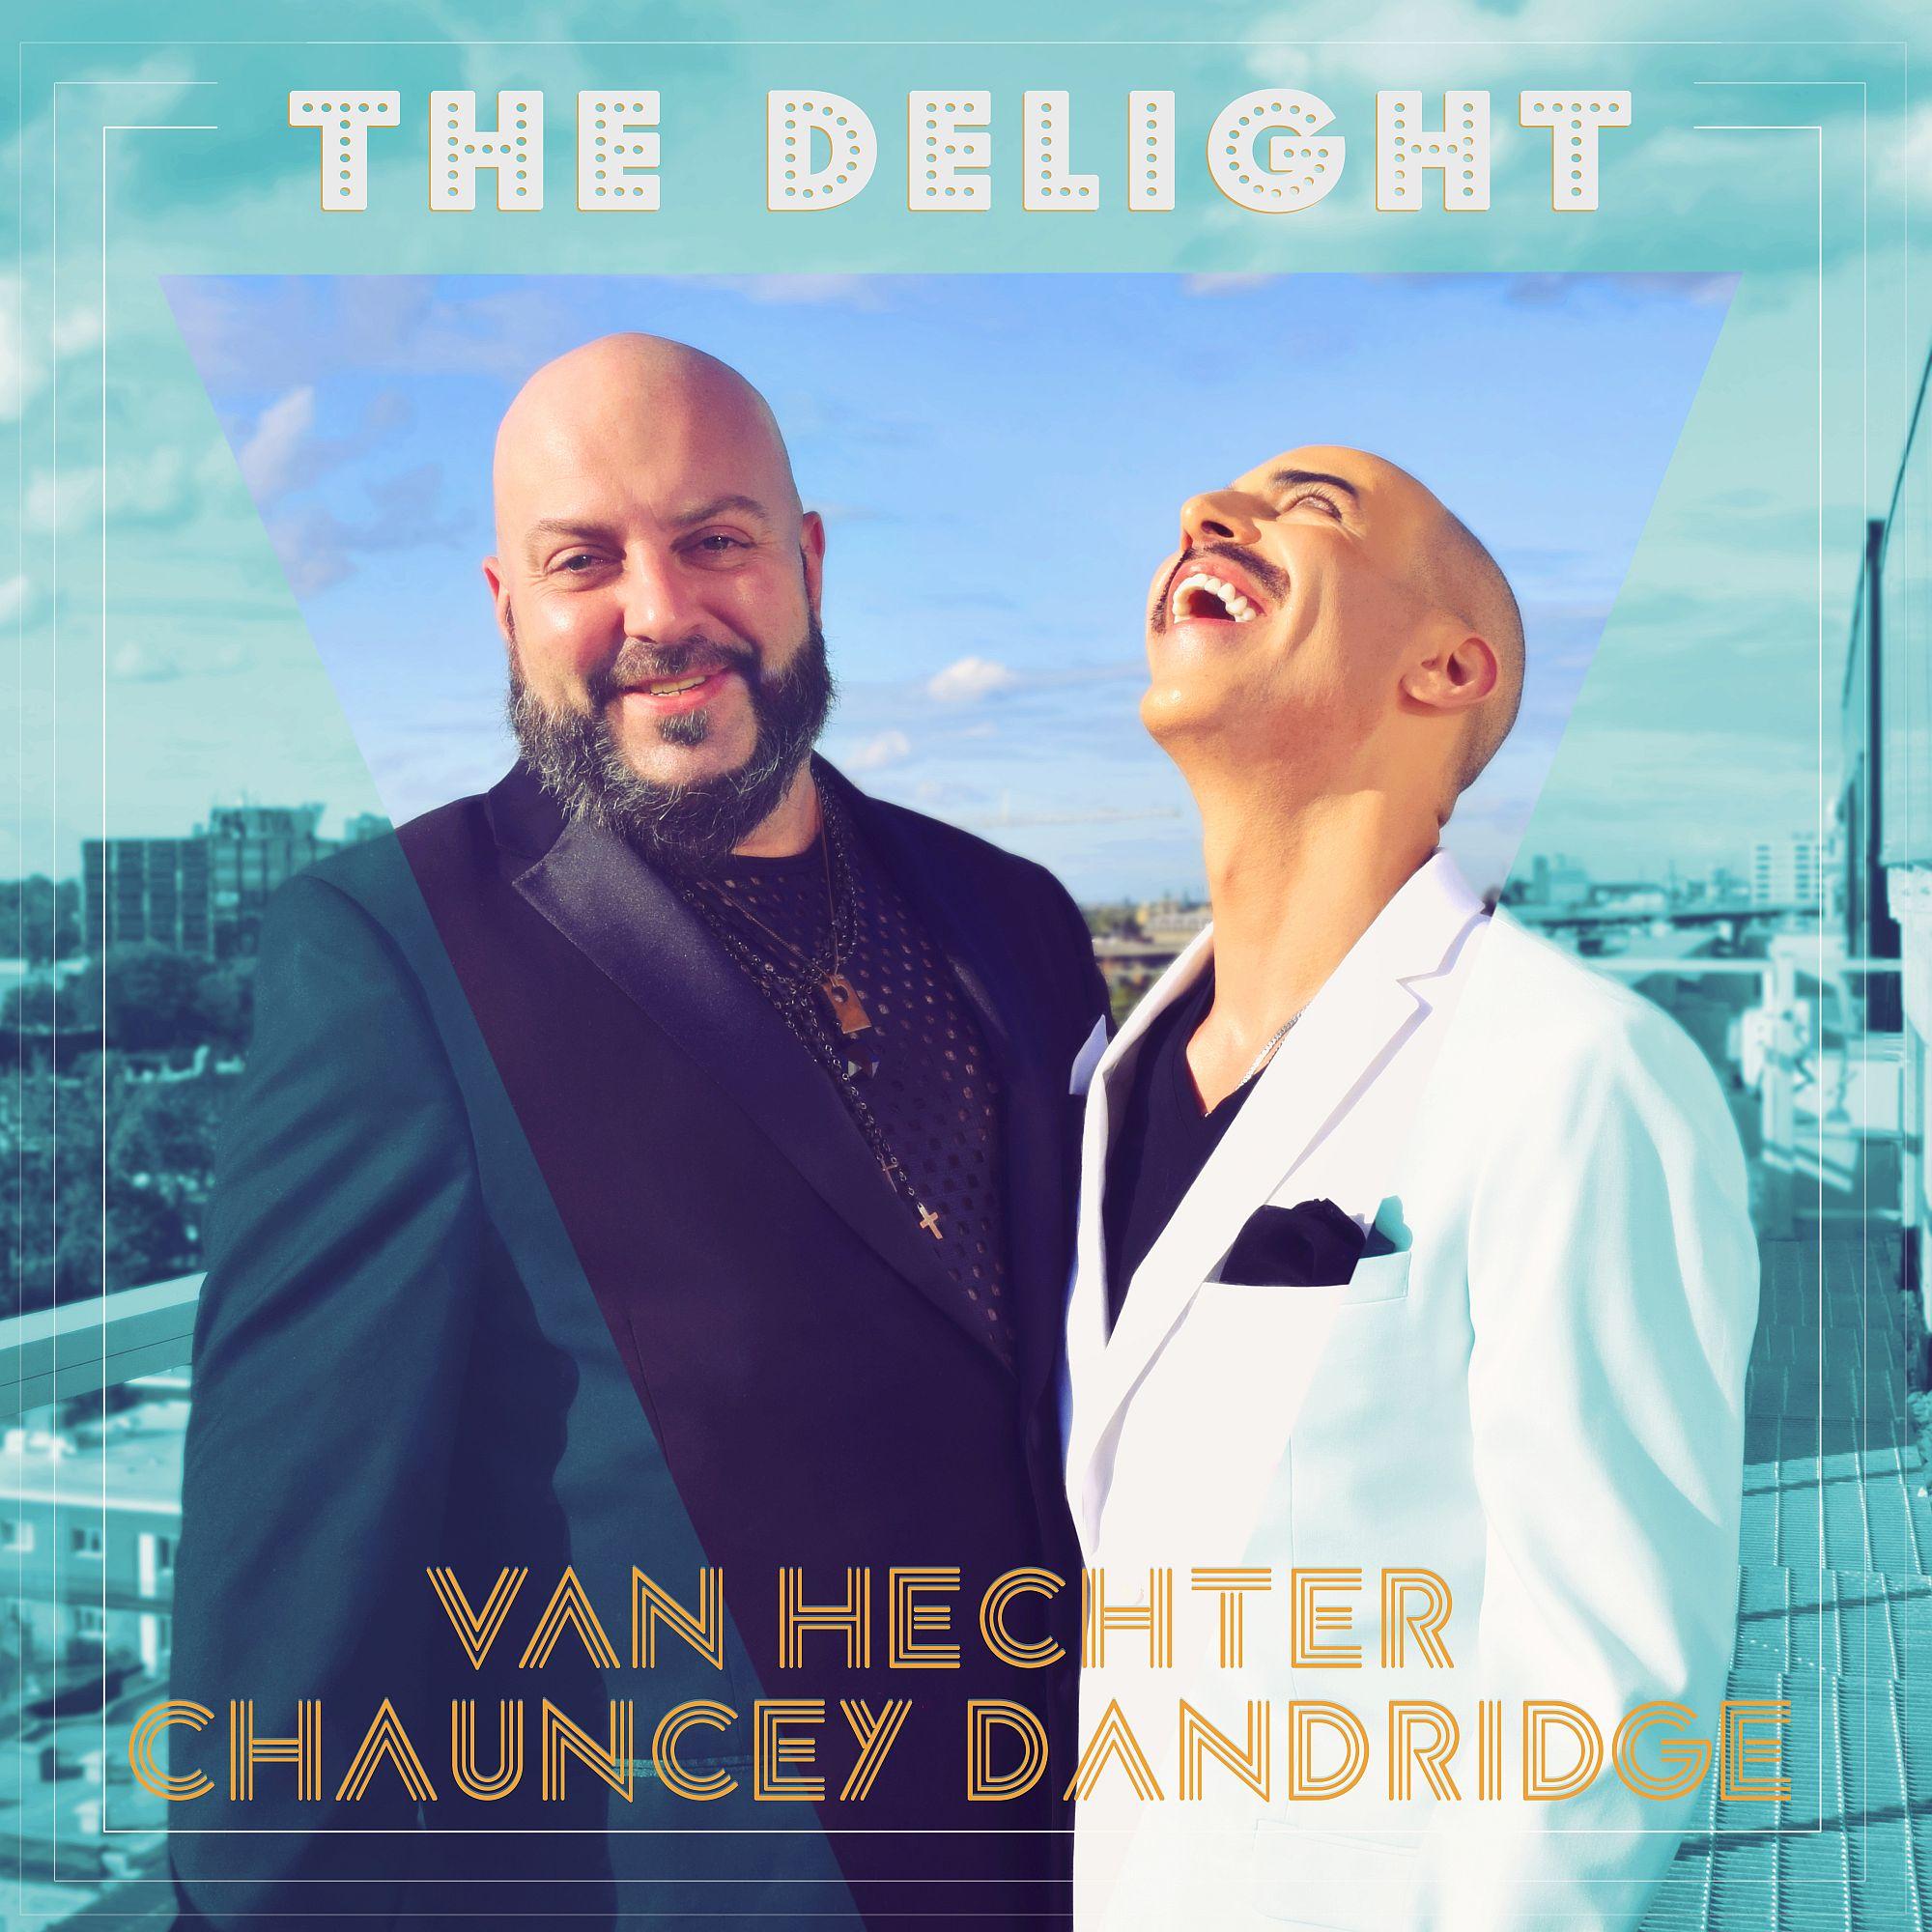 Van Hechter and Chauncey Dandridge bring us The Delight!